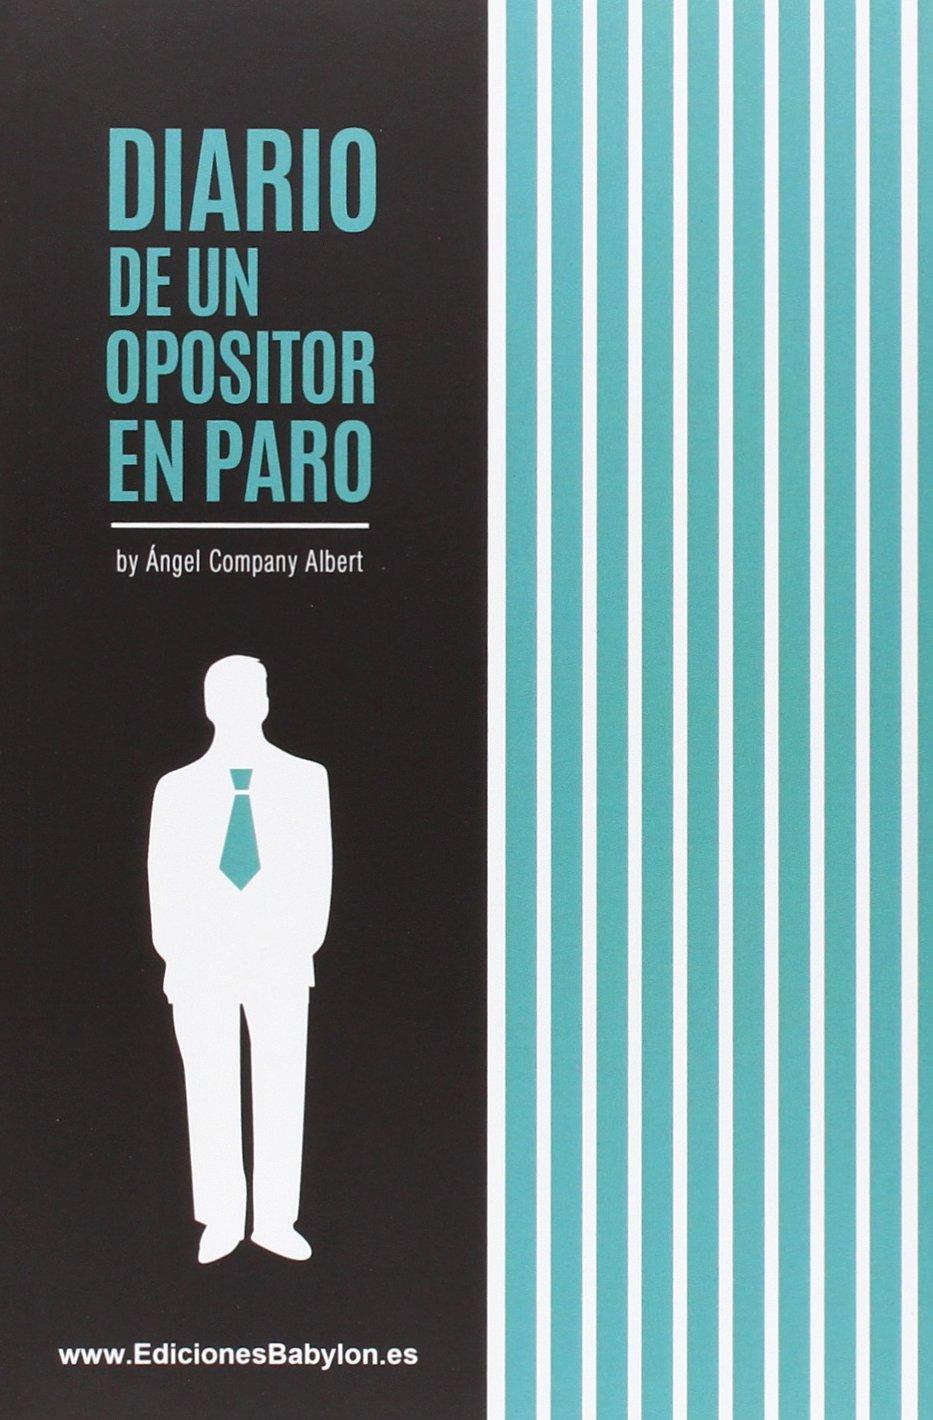 Diario de un opositor en paro (Veritas): Amazon.es: Ángel ...